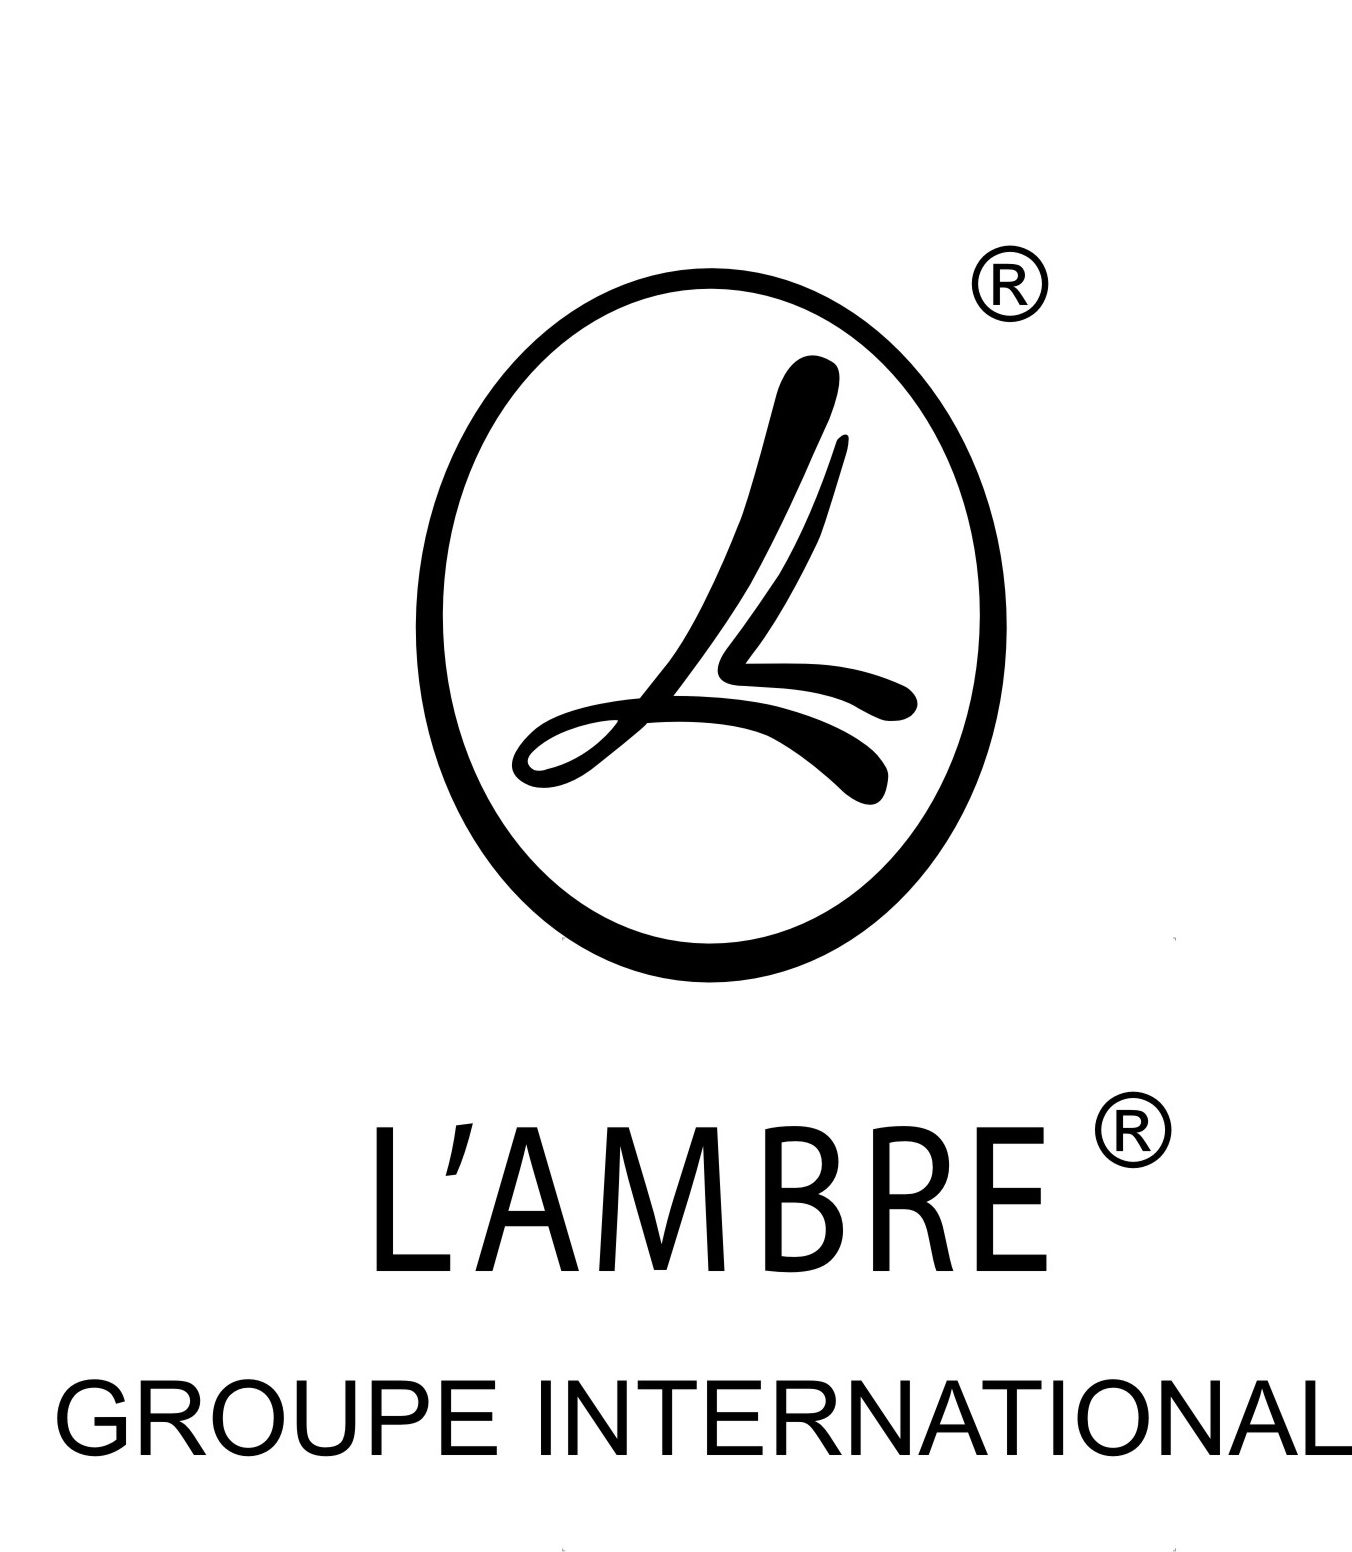 http://lambre-perfect.ucoz.com/Lambre.jpg